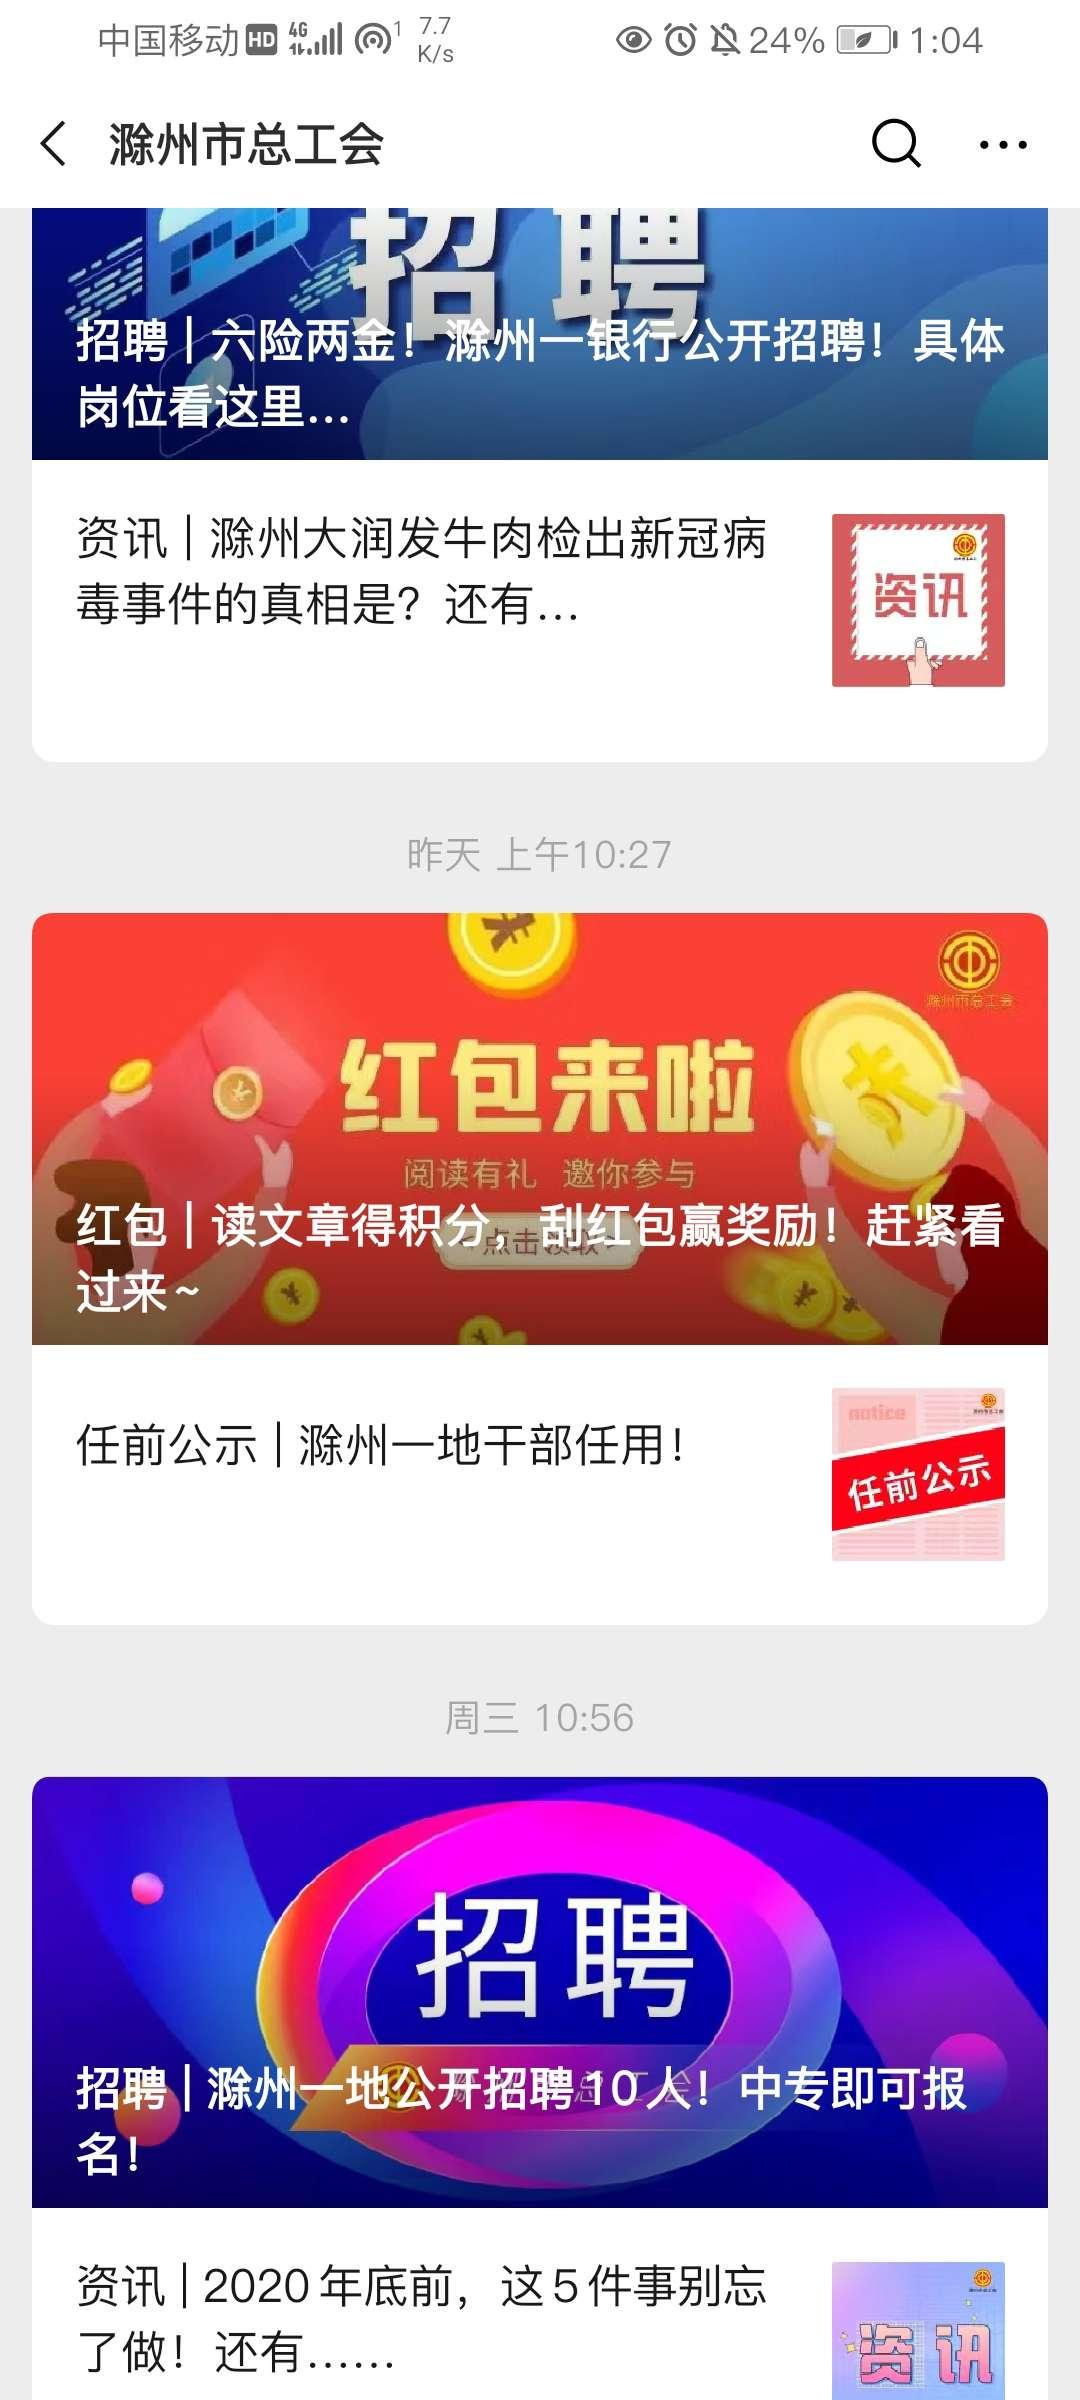 【现金红包】滁州市总工会抽微信红包-聚合资源网